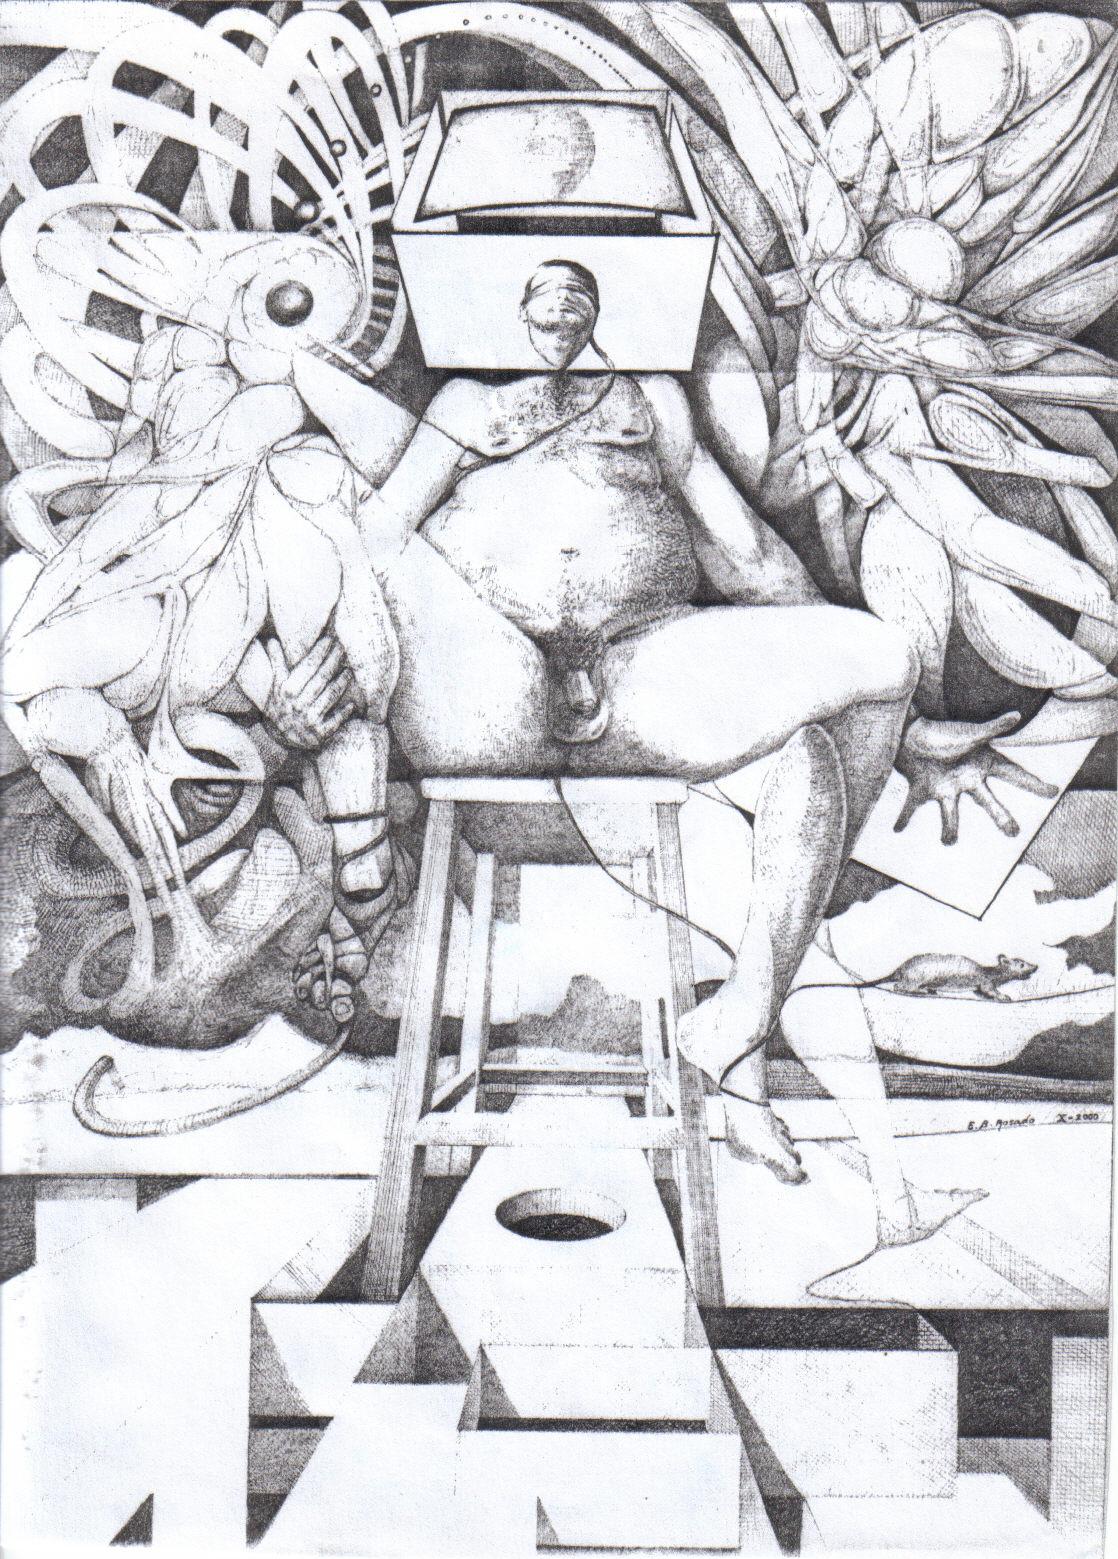 DibujoEduardo-04